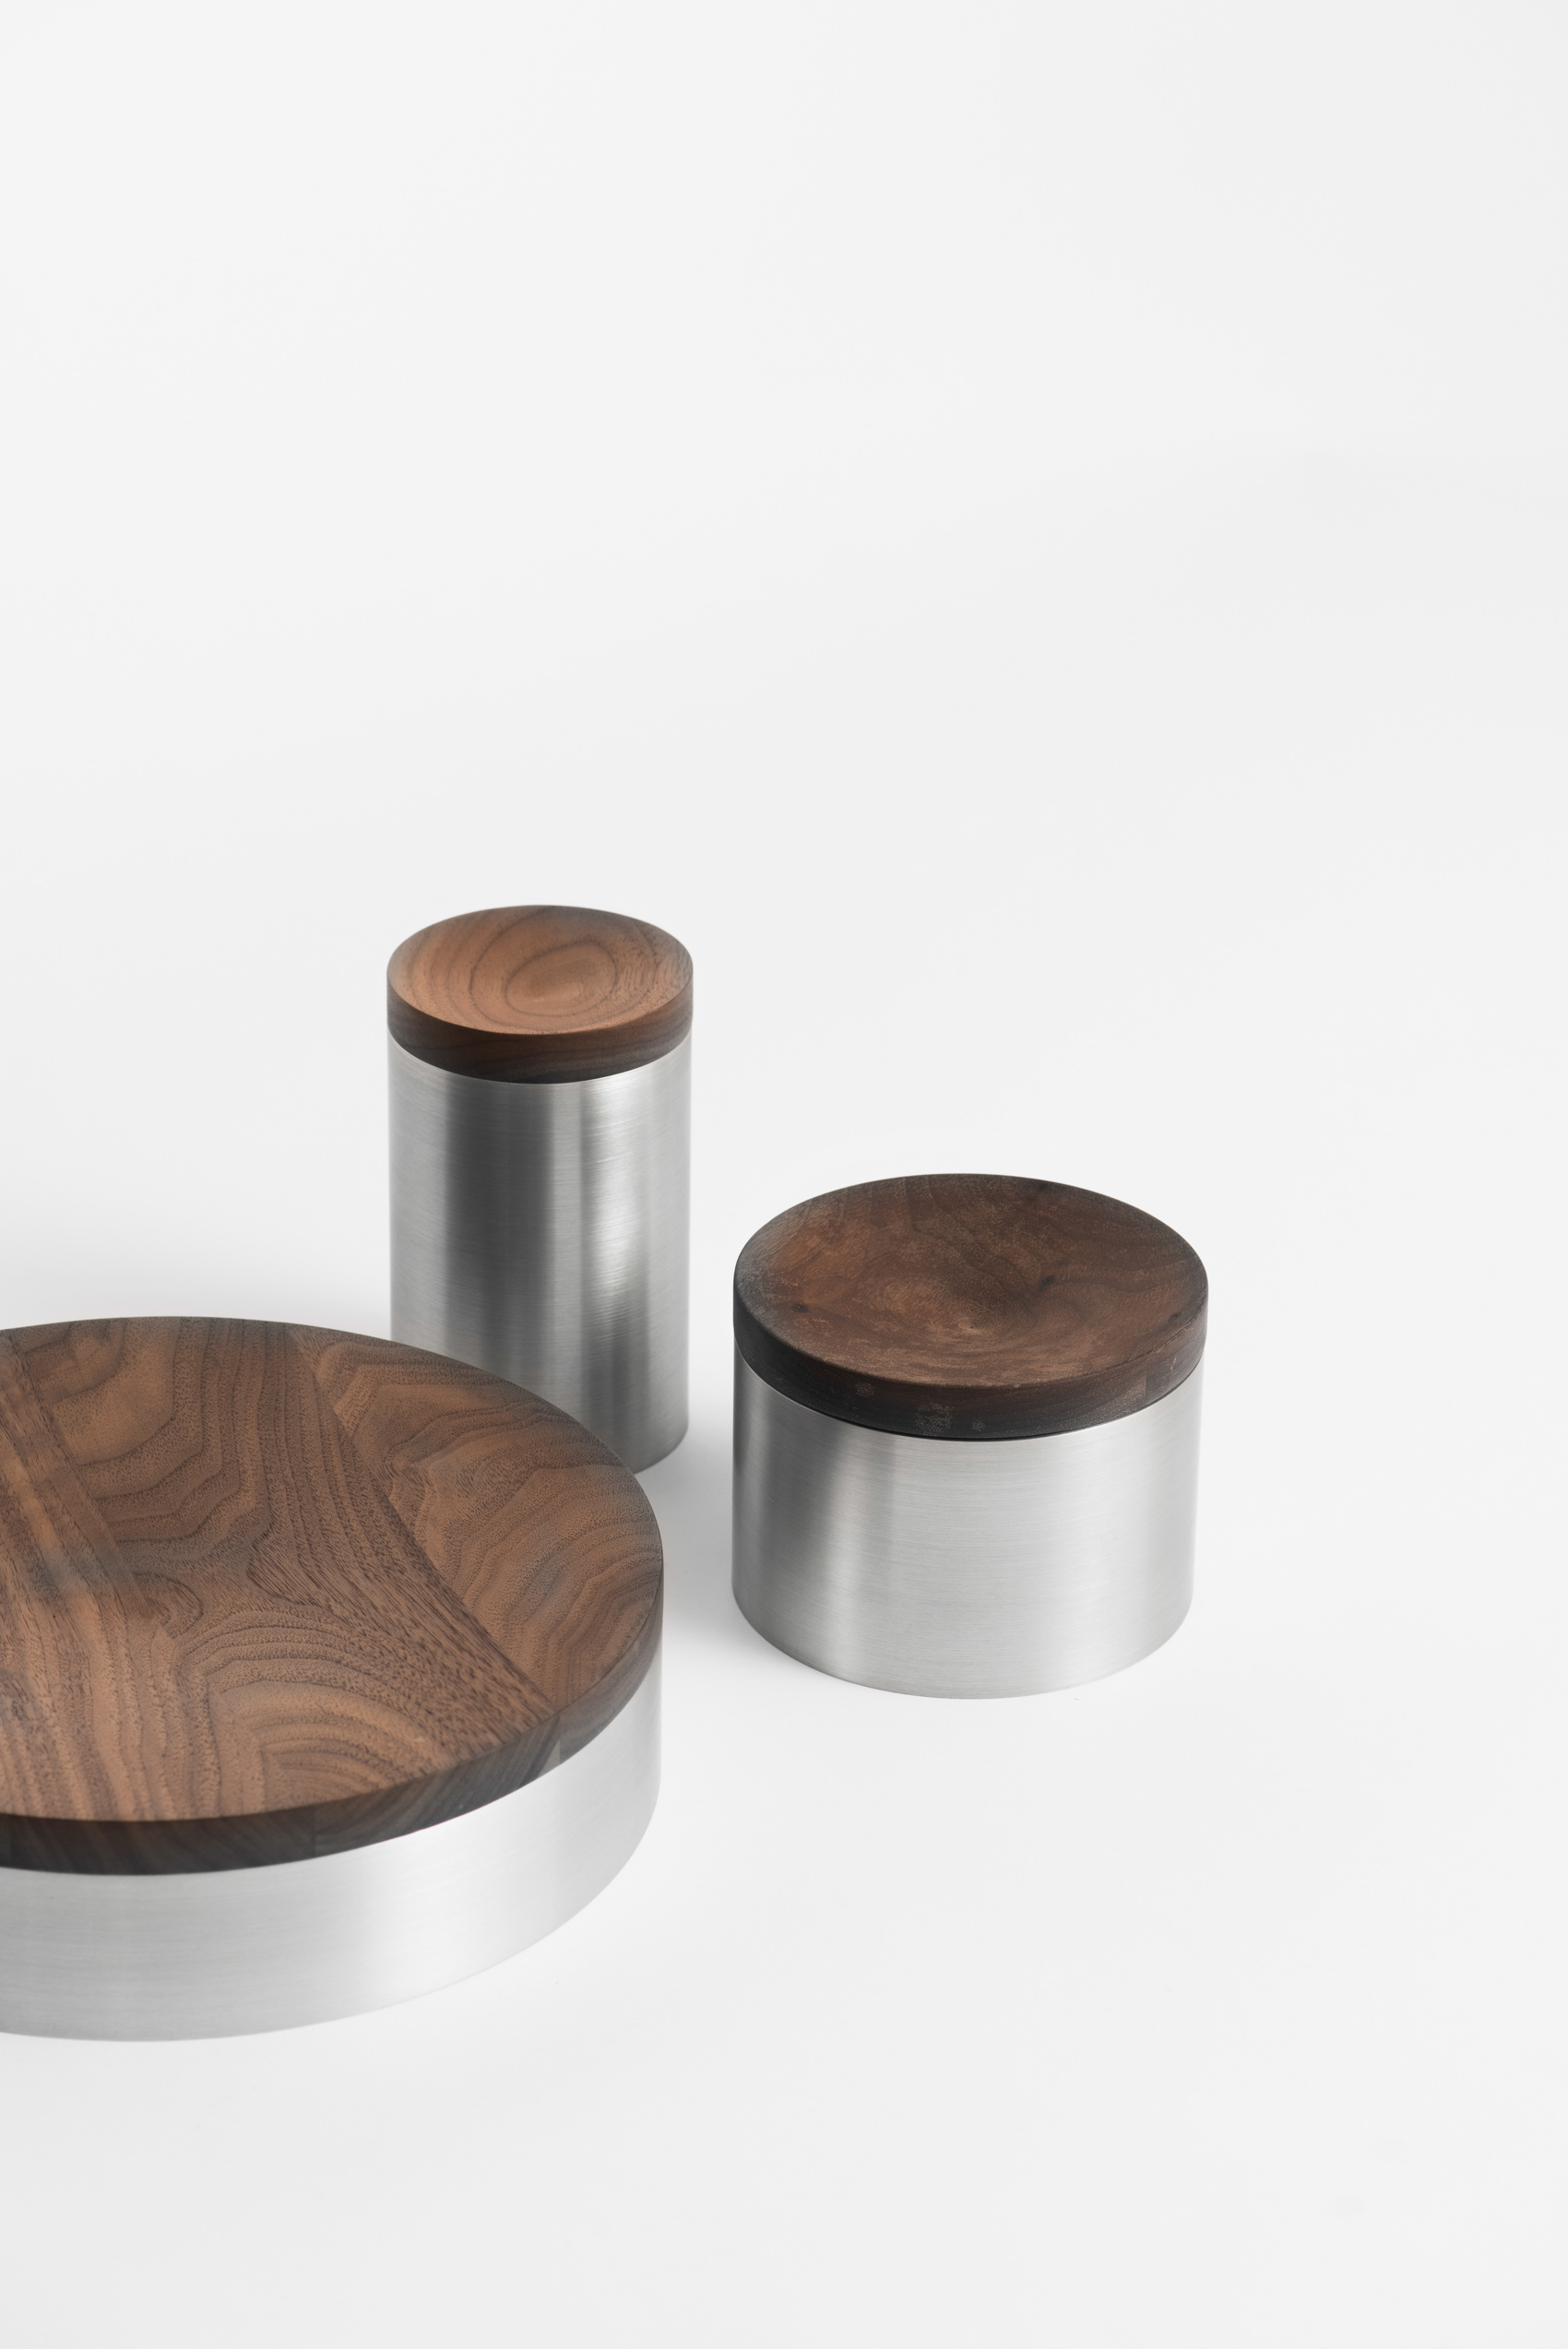 tuz containers aluminium walnut_2